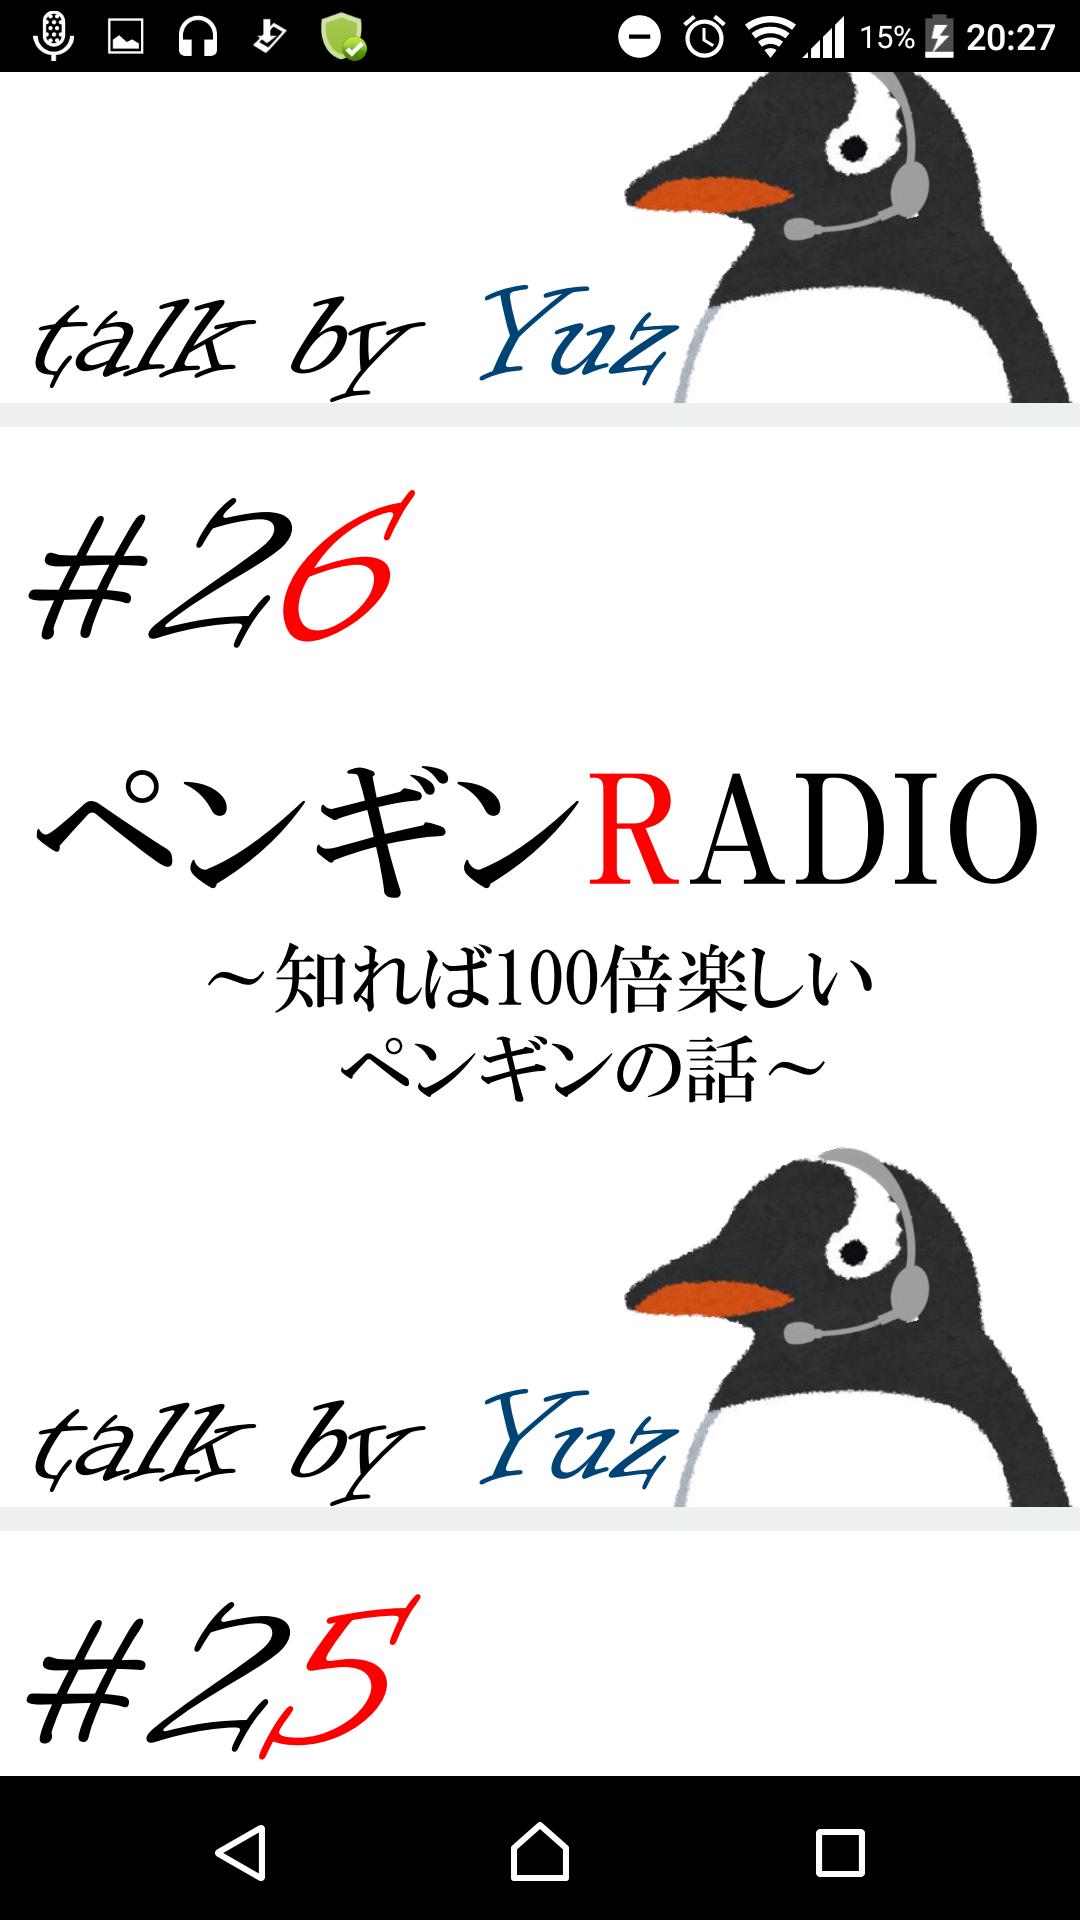 #26 ペンギンに関係無いように見えてペンギンに戻る好きなバンドの話